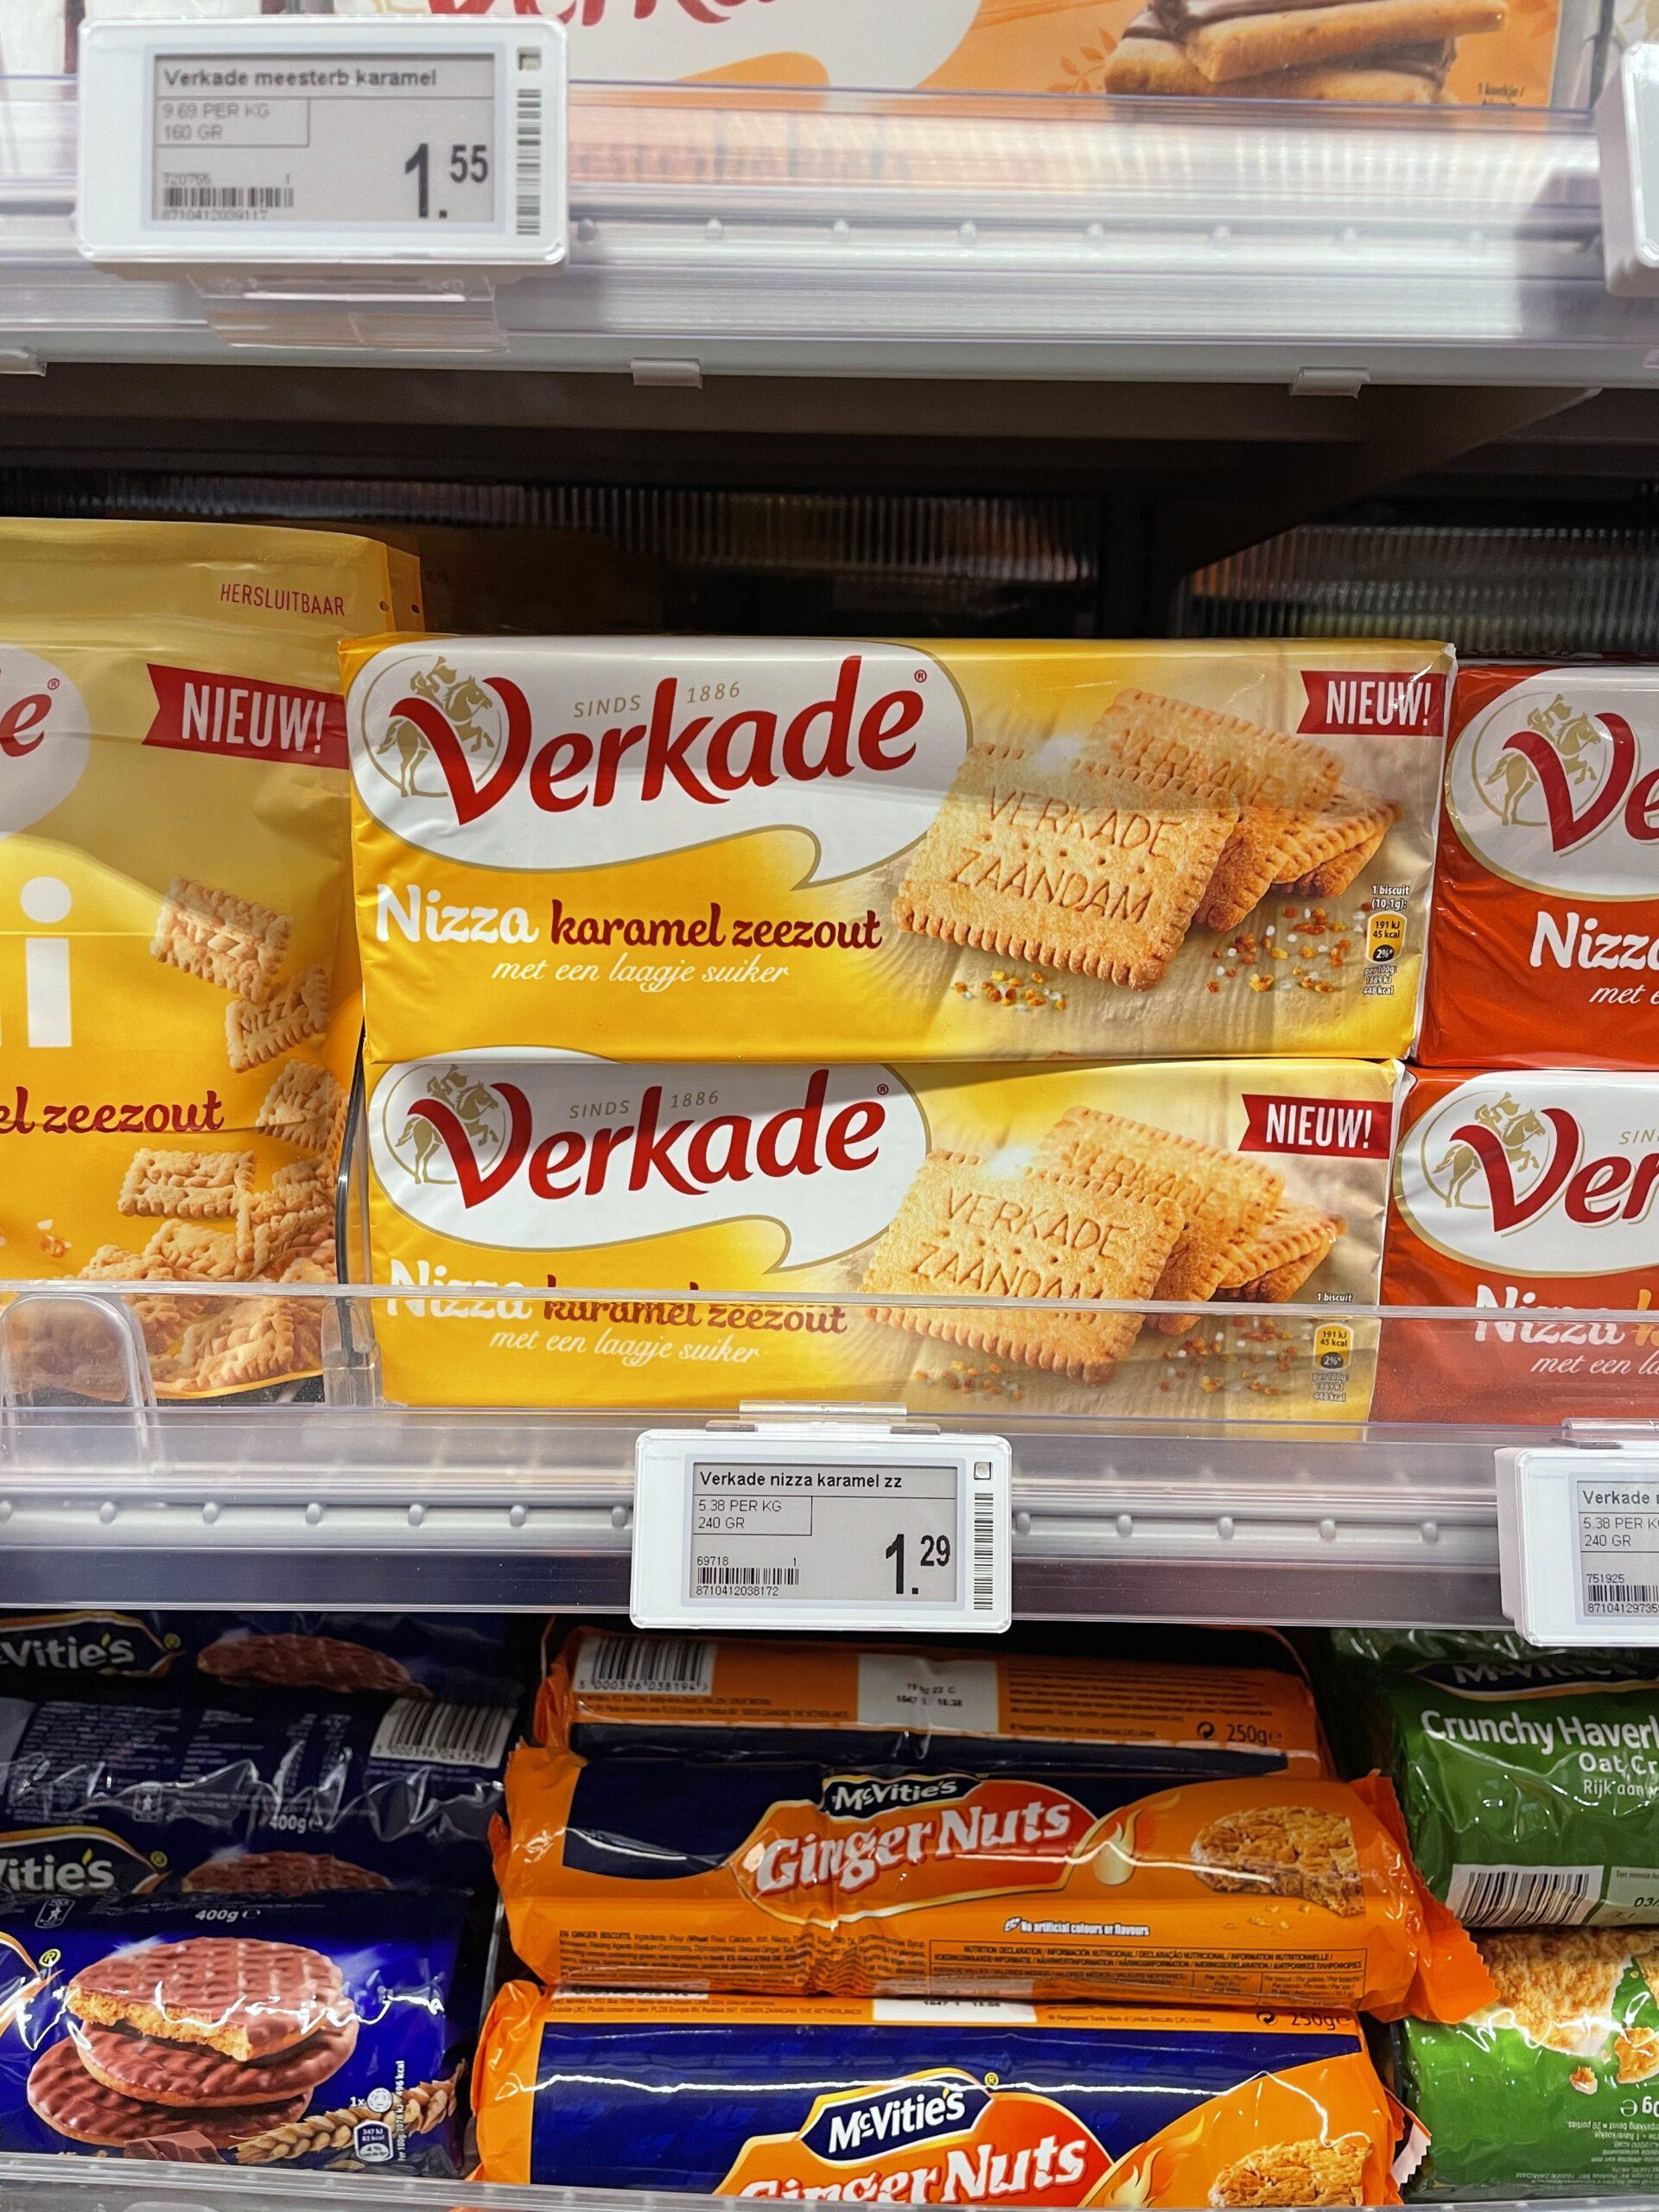 Verkade Nizza en McVitie's Gingernuts vegan koekjes